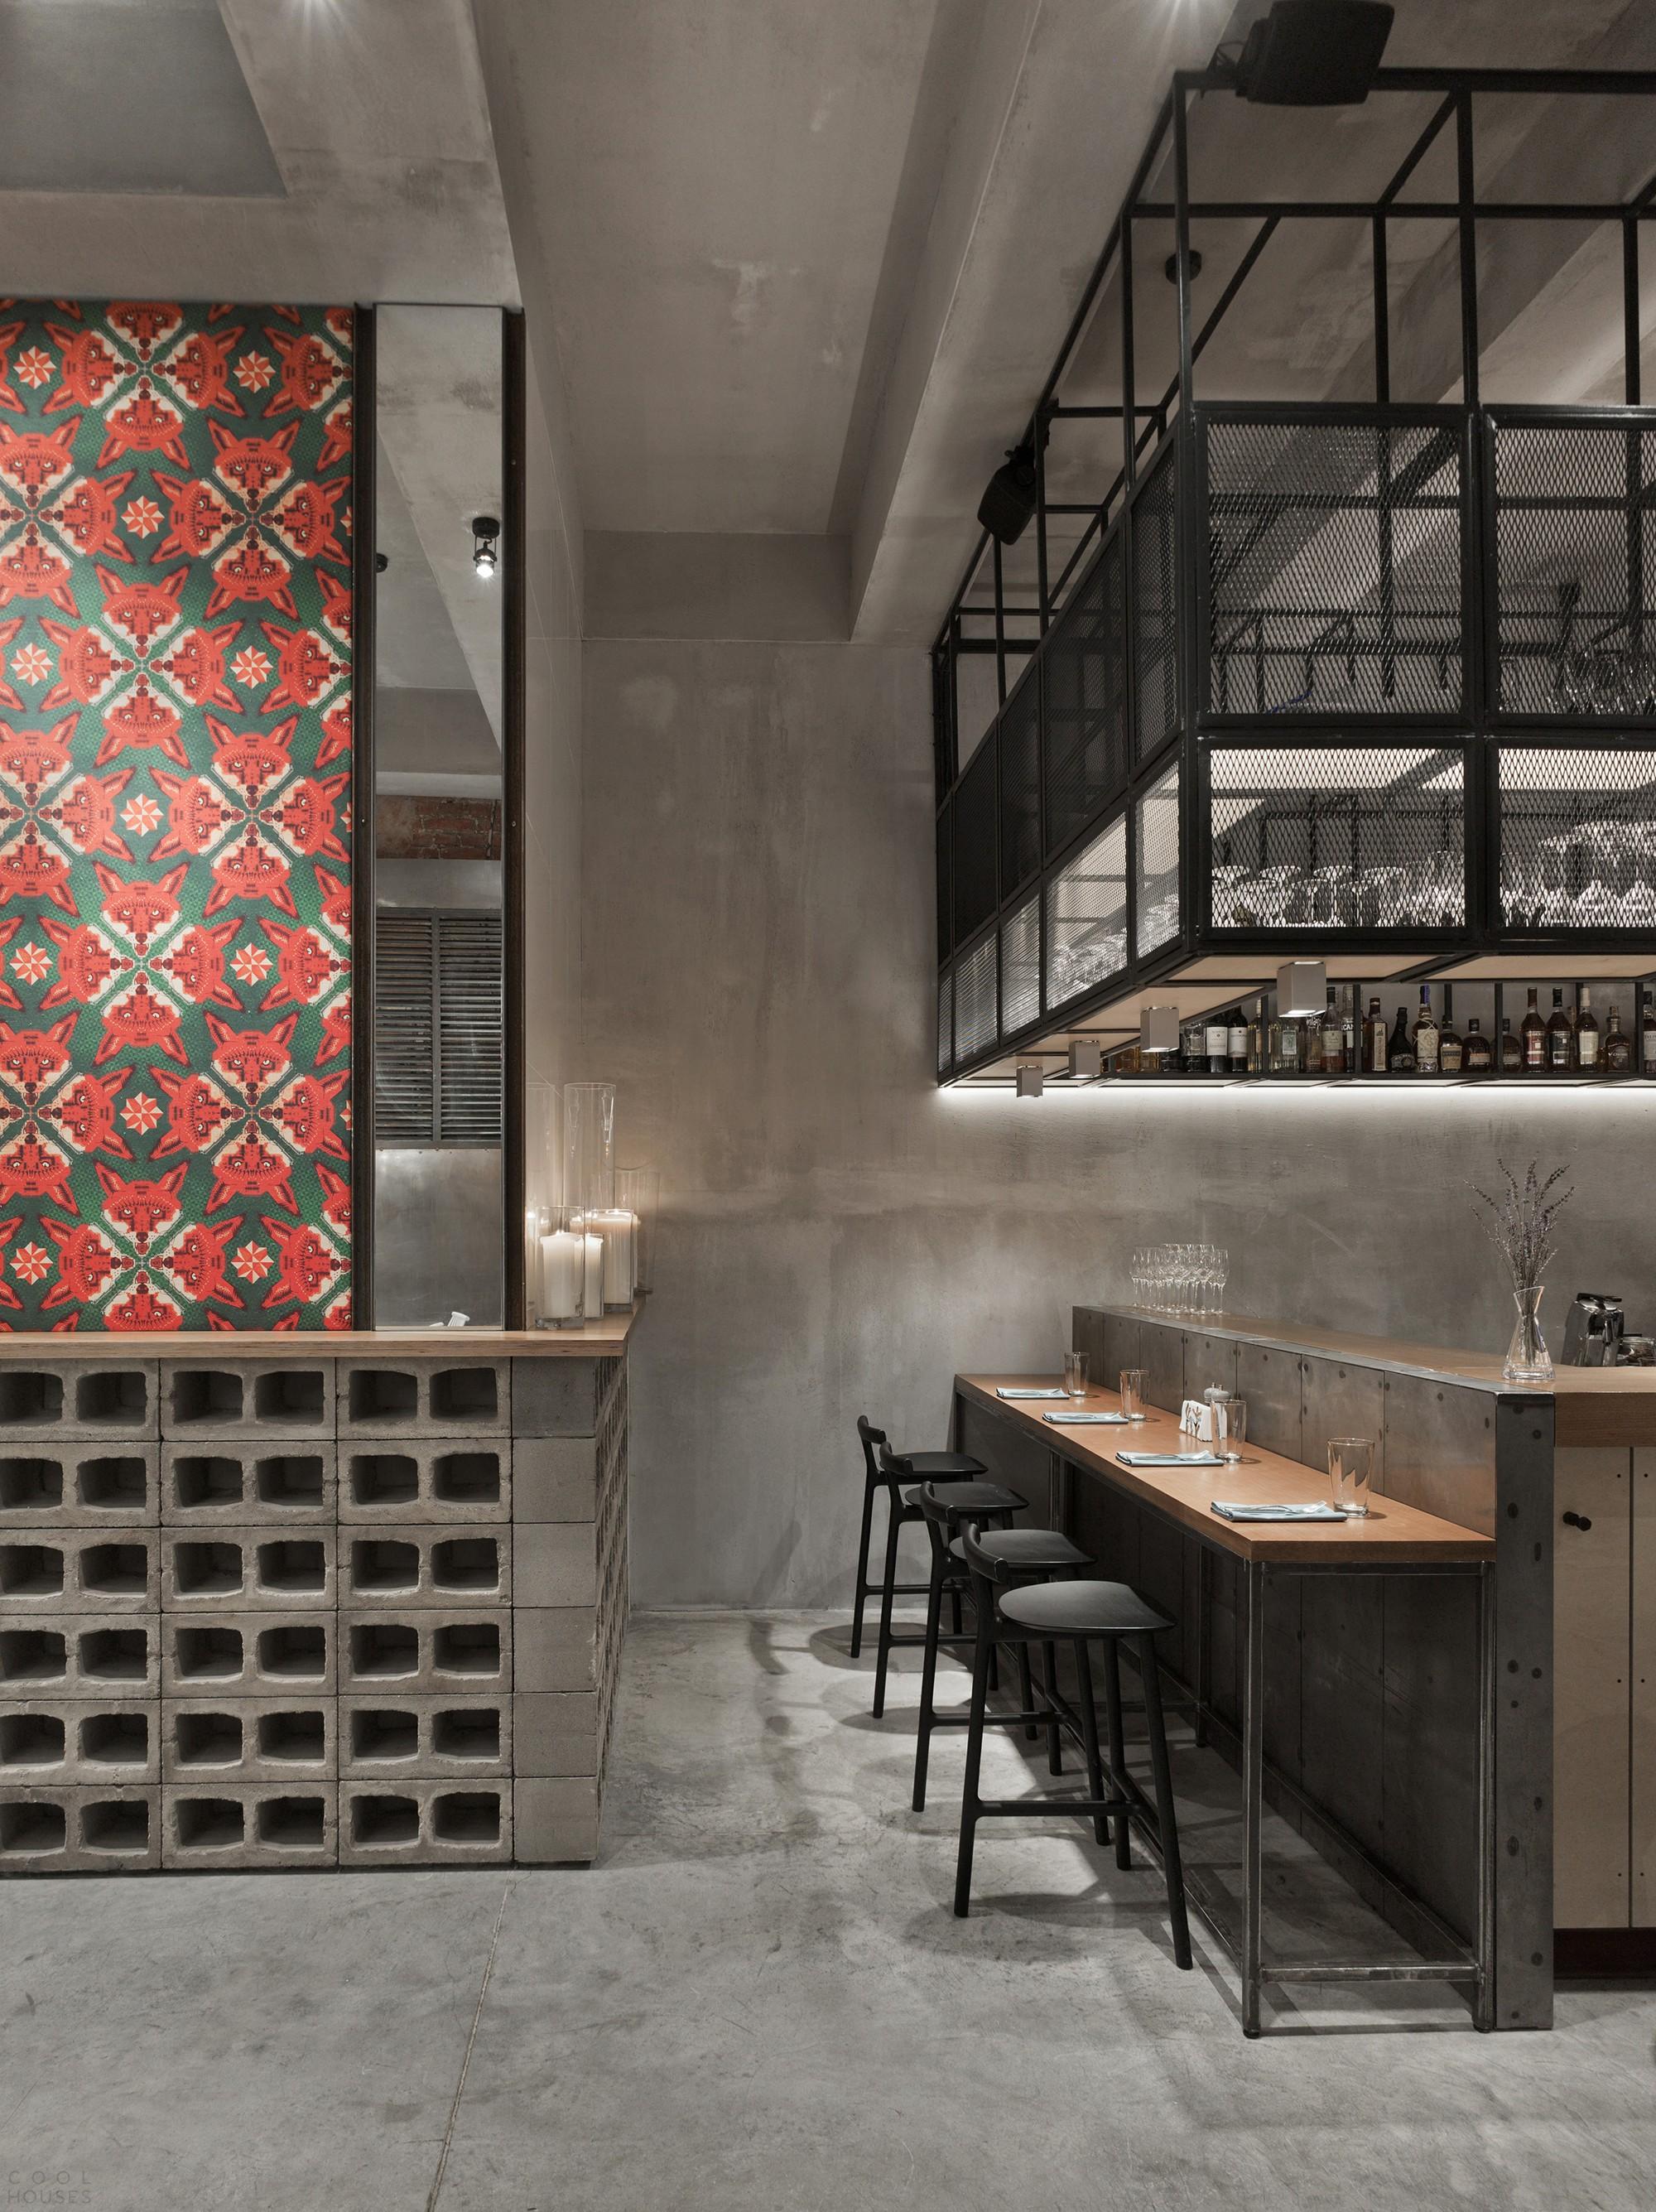 Бар-ресторан Holy Fox с аскетично-интеллигентным интерьером в центре Москвы